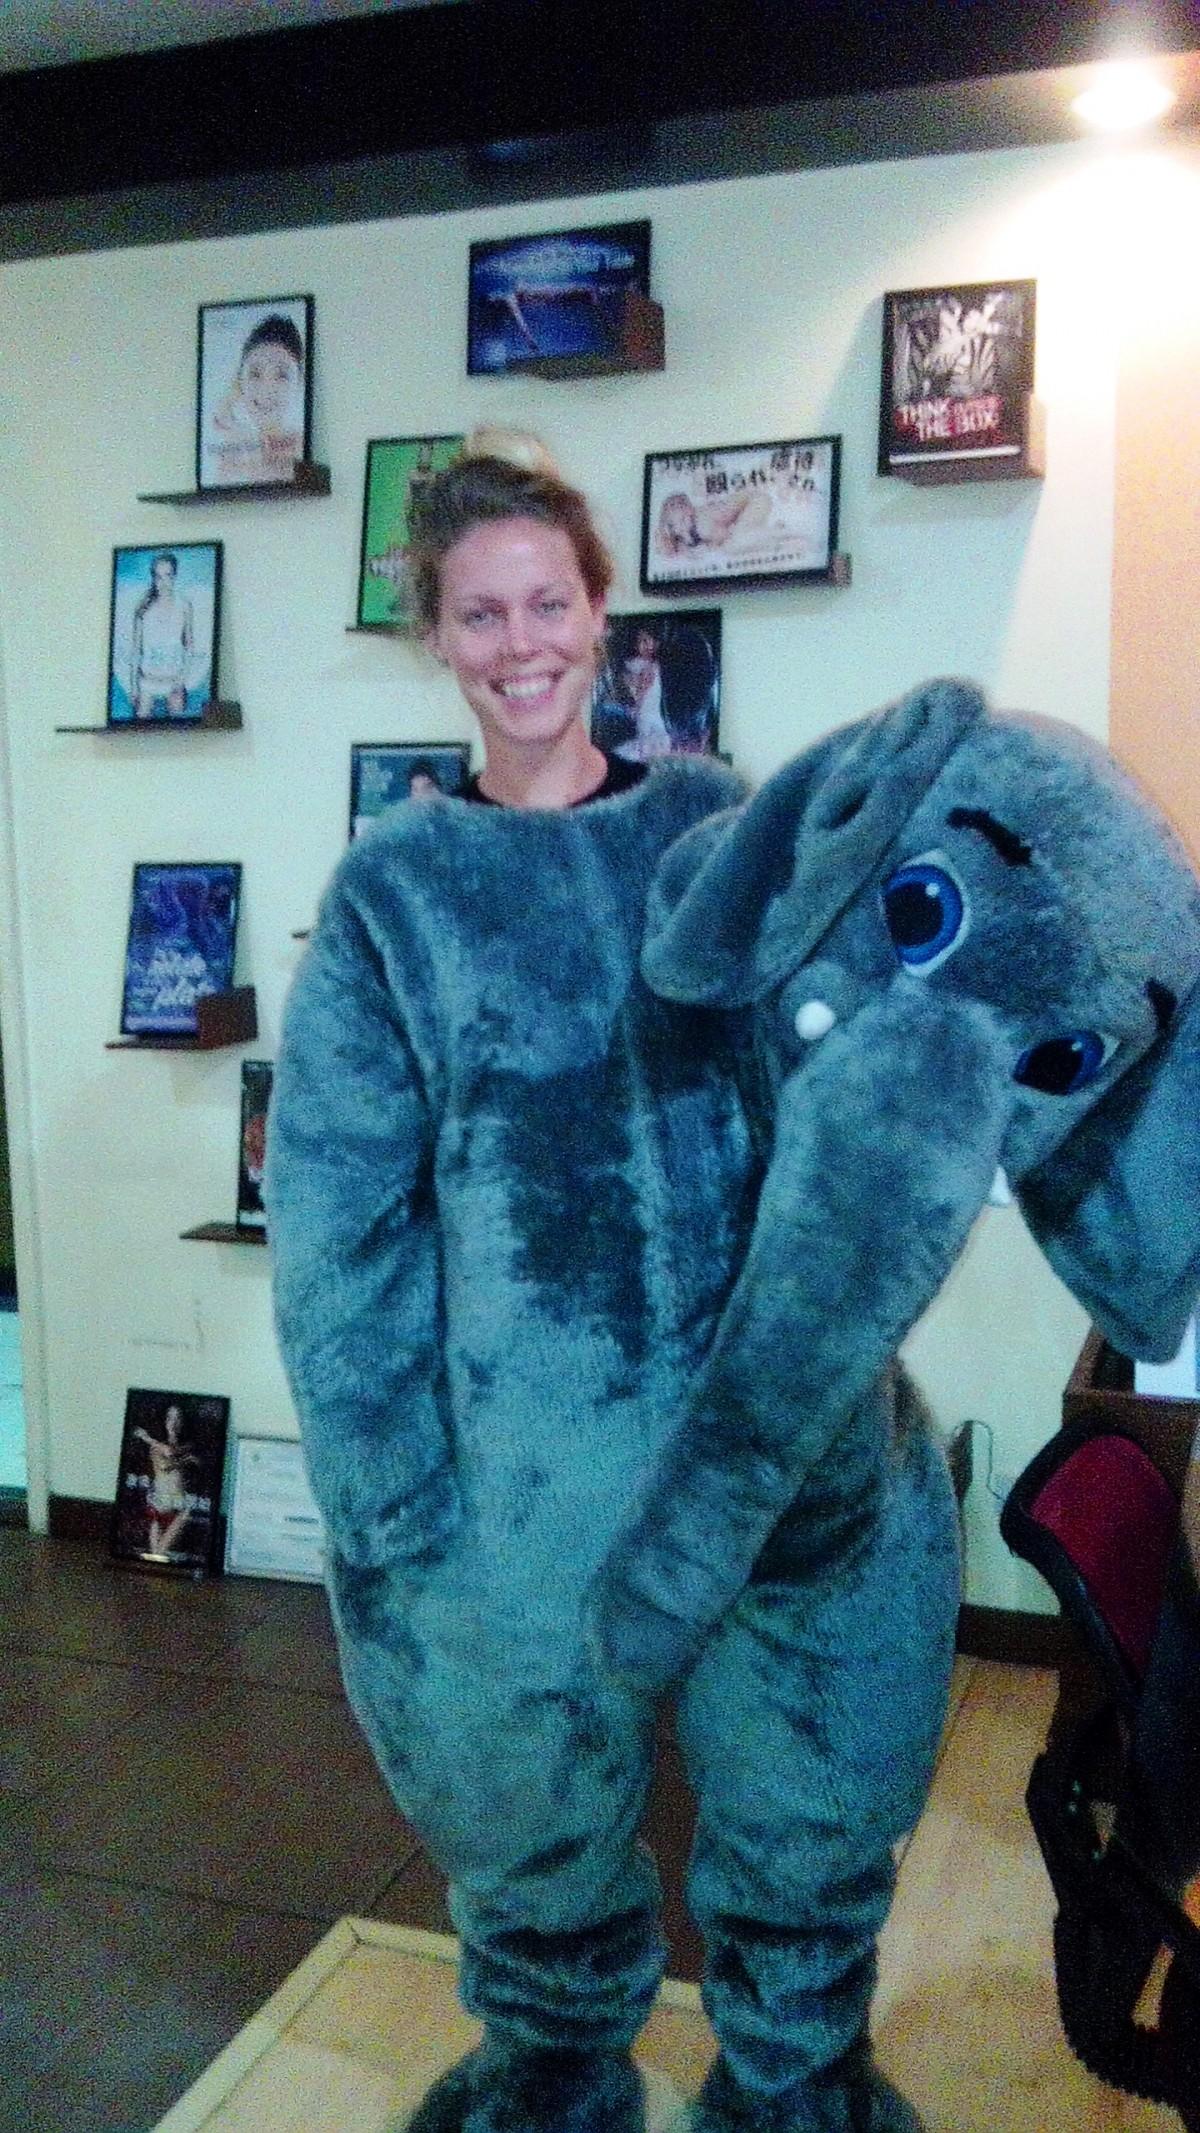 Milena as Mali the elephant